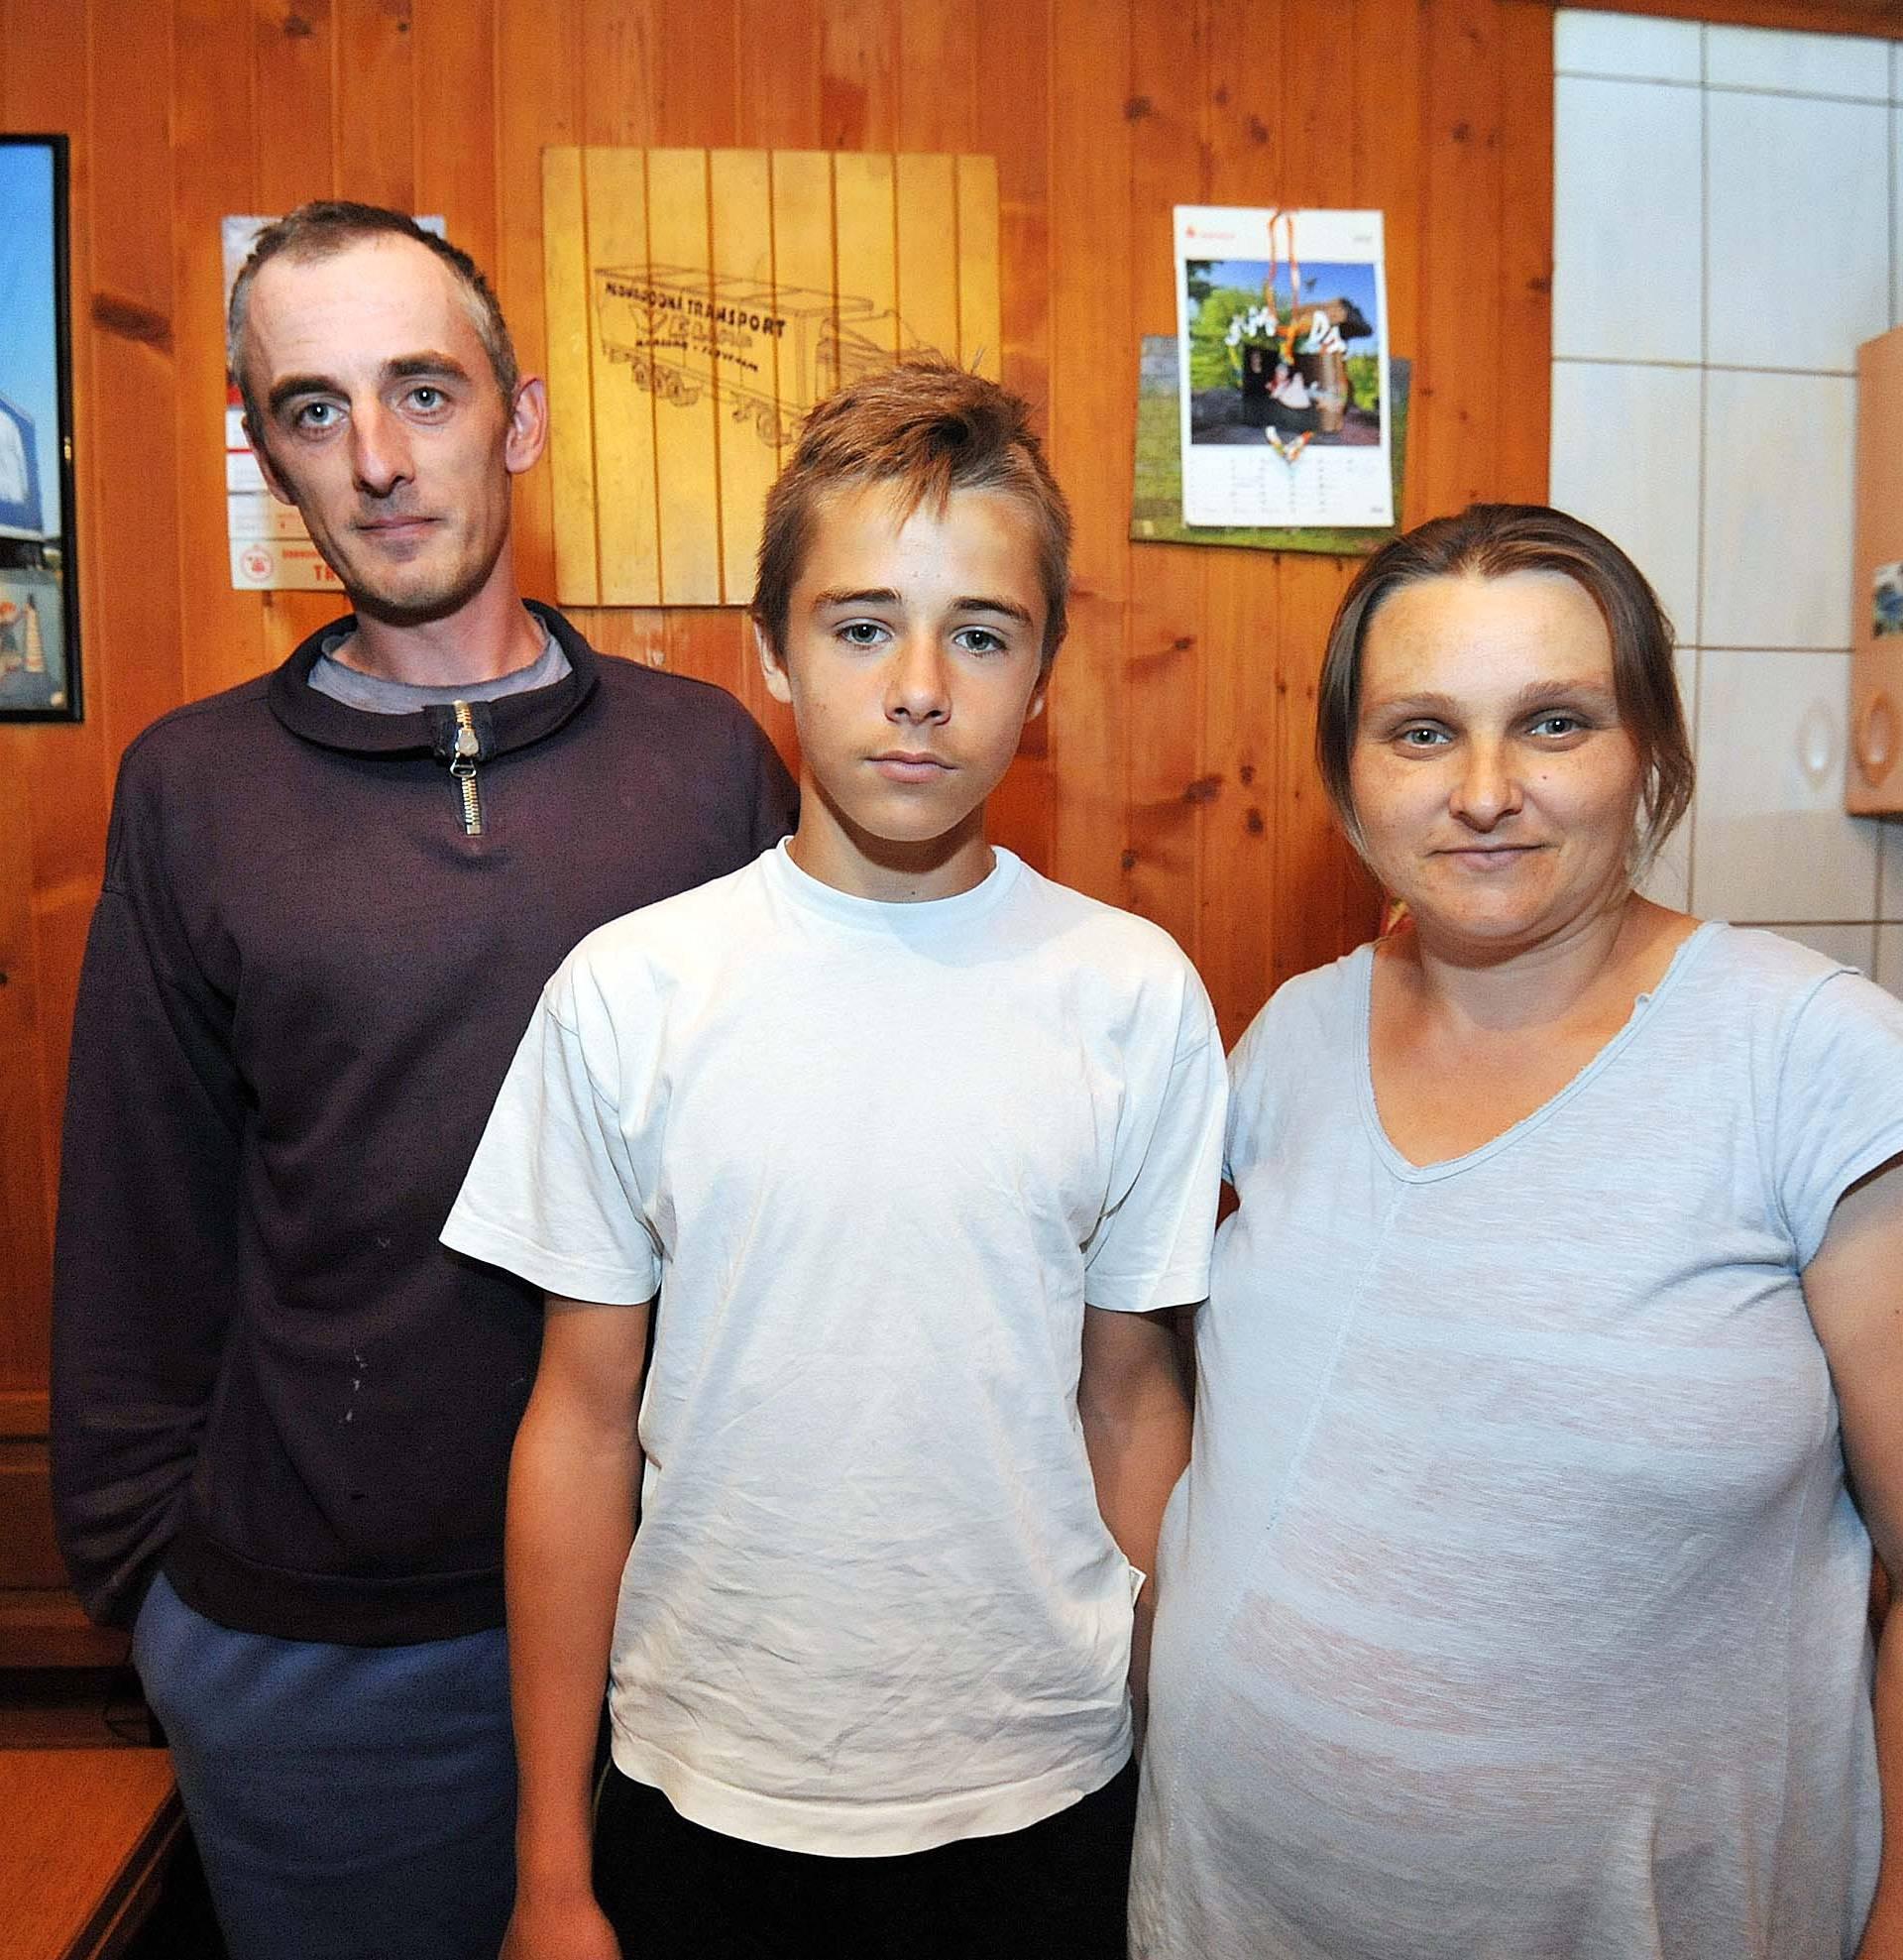 'Župnik zbog duga našem sinu nije htio dati da ide na krizmu'